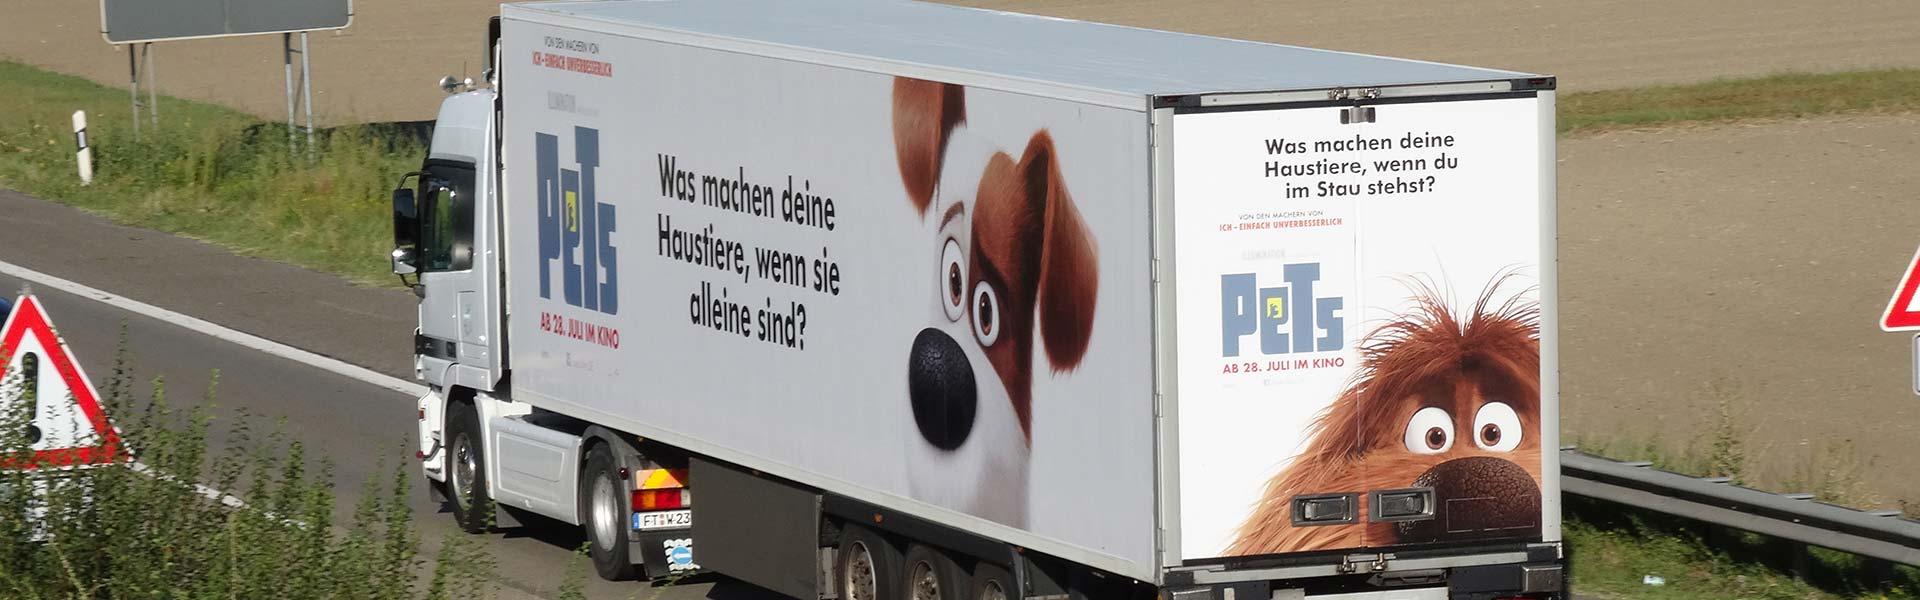 Mobile Werbung - Werbung auf LKW